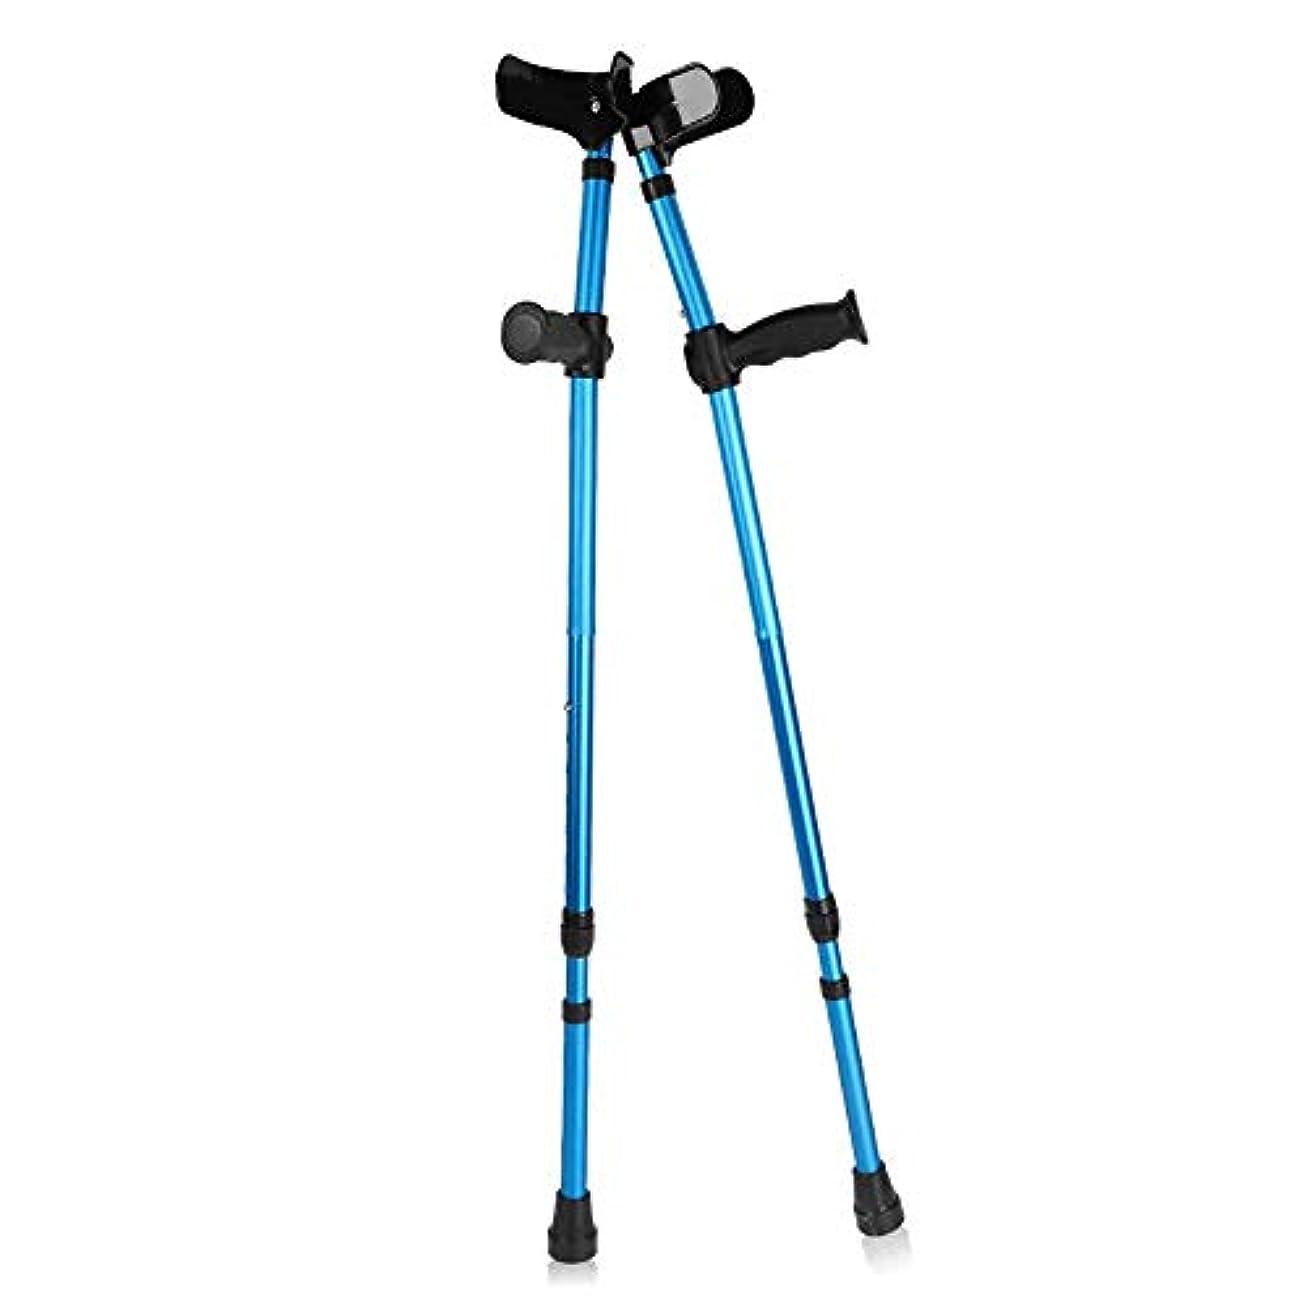 暗殺する緯度ボウル滑り止めの杖、脇の下の松葉杖を持つ障害者用リハビリテーション肘、軽量アルミ合金の高さ調節可能な骨折リハビリテーションアンチスキッド、折りたたみ